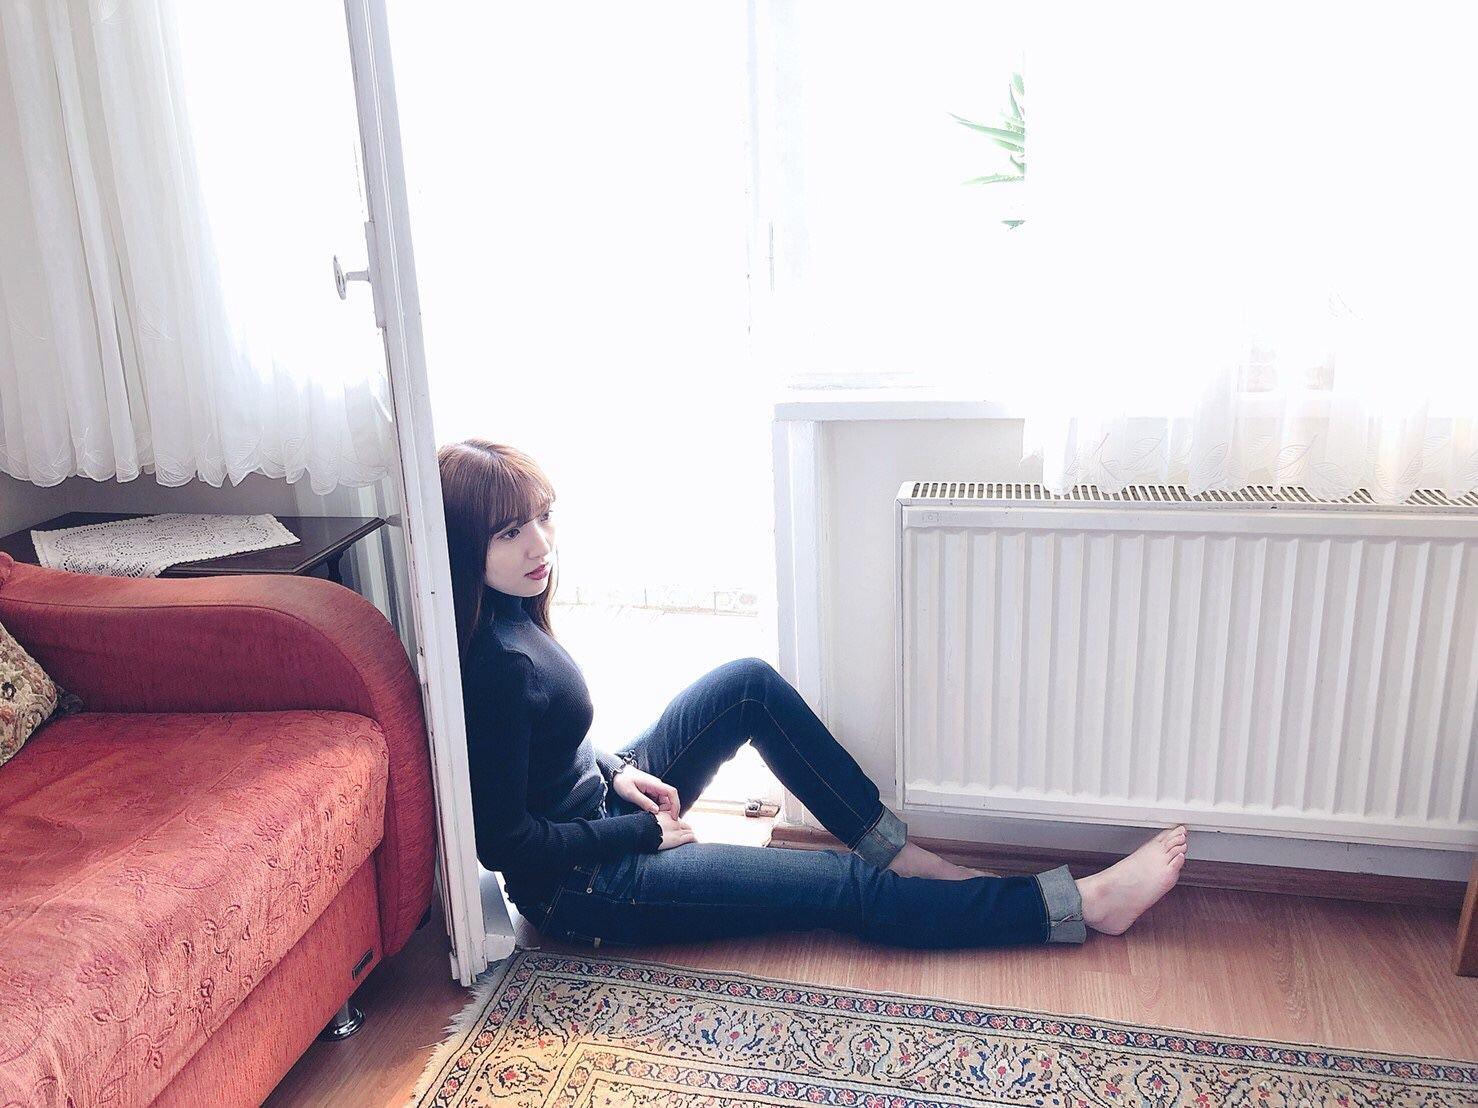 豊田萌絵 写真集 moEmotion_和邪社102